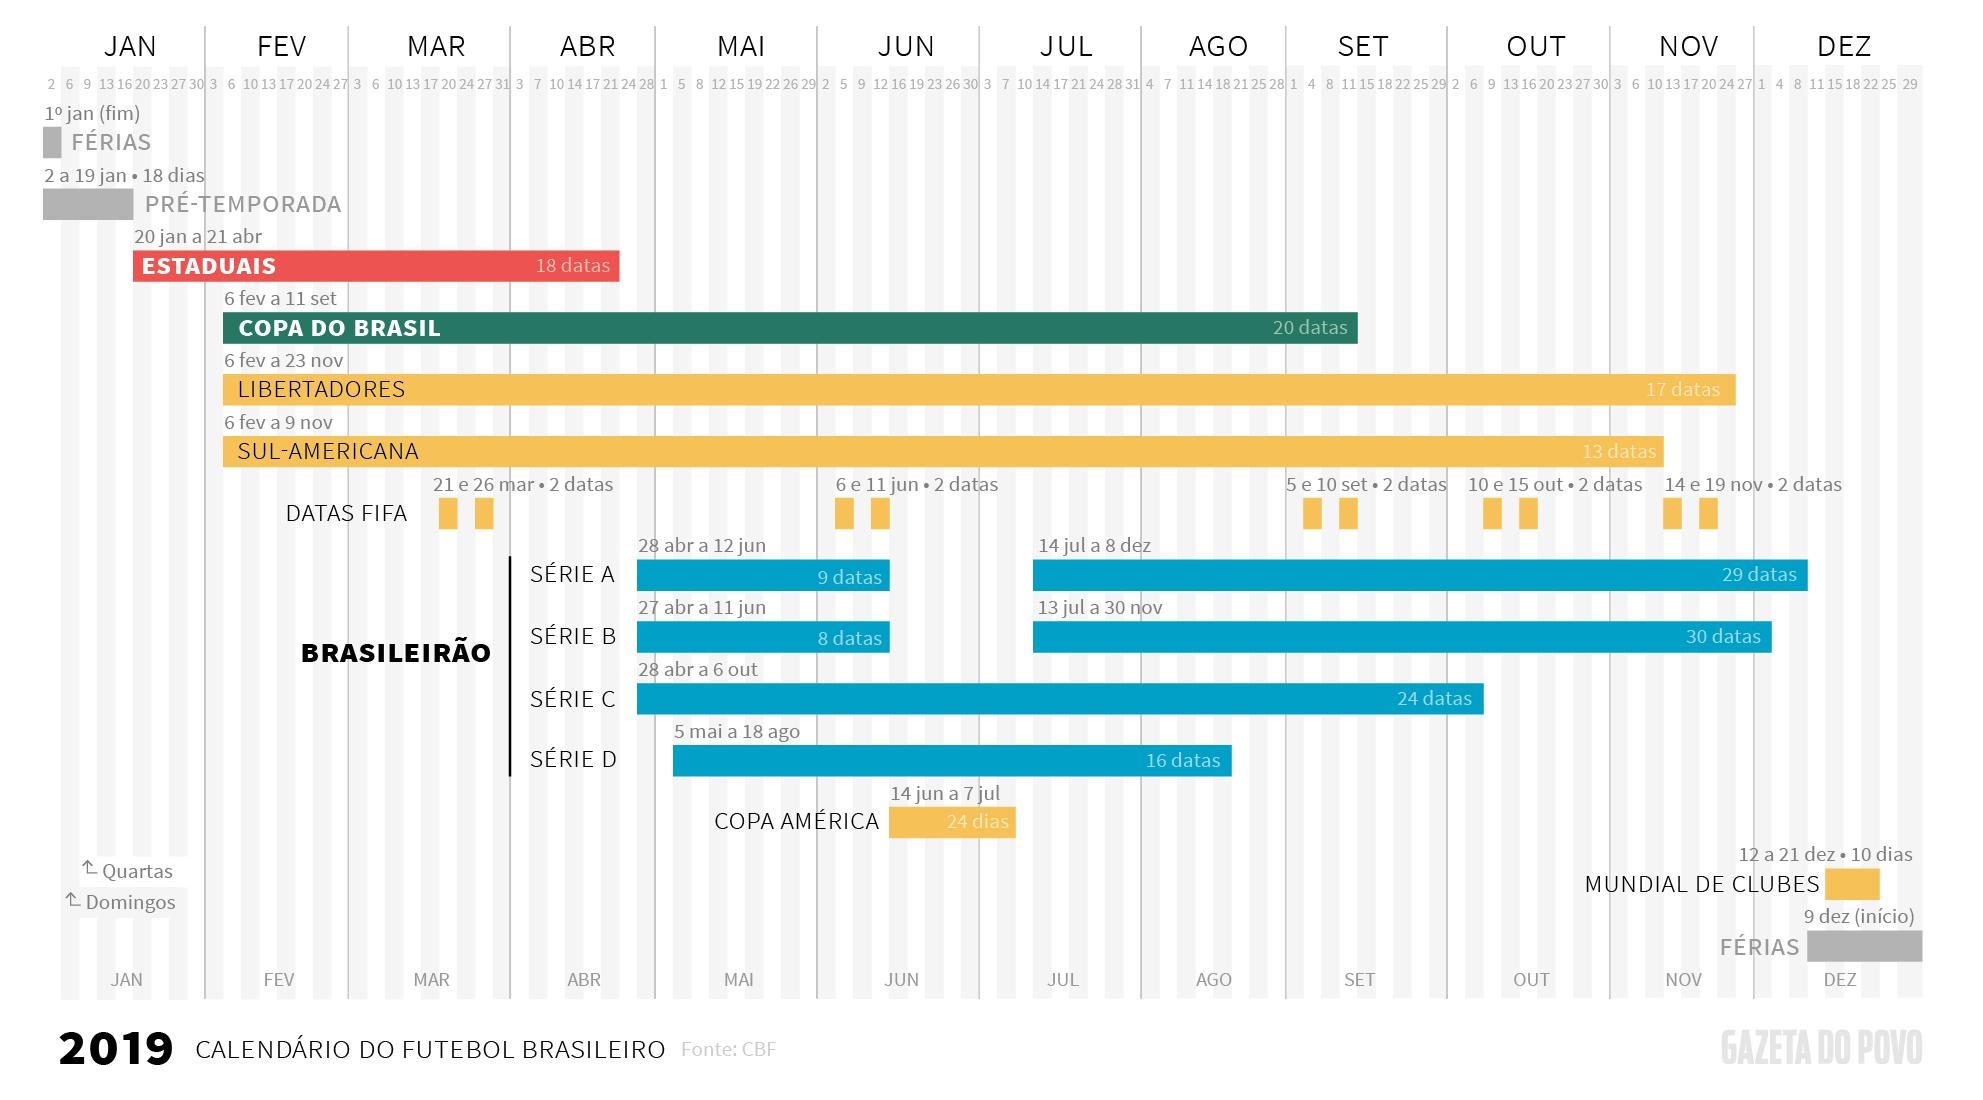 Datas de início e fim dos principais campeonatos no Brasil em 2019, divulgadas pela CBF em outubro: Campeonato Brasileiro, Copa do Brasil, Copa Sul-Americana, Libertadores, Copa América, Mundial de Clubes e Campeonatos Estaduais